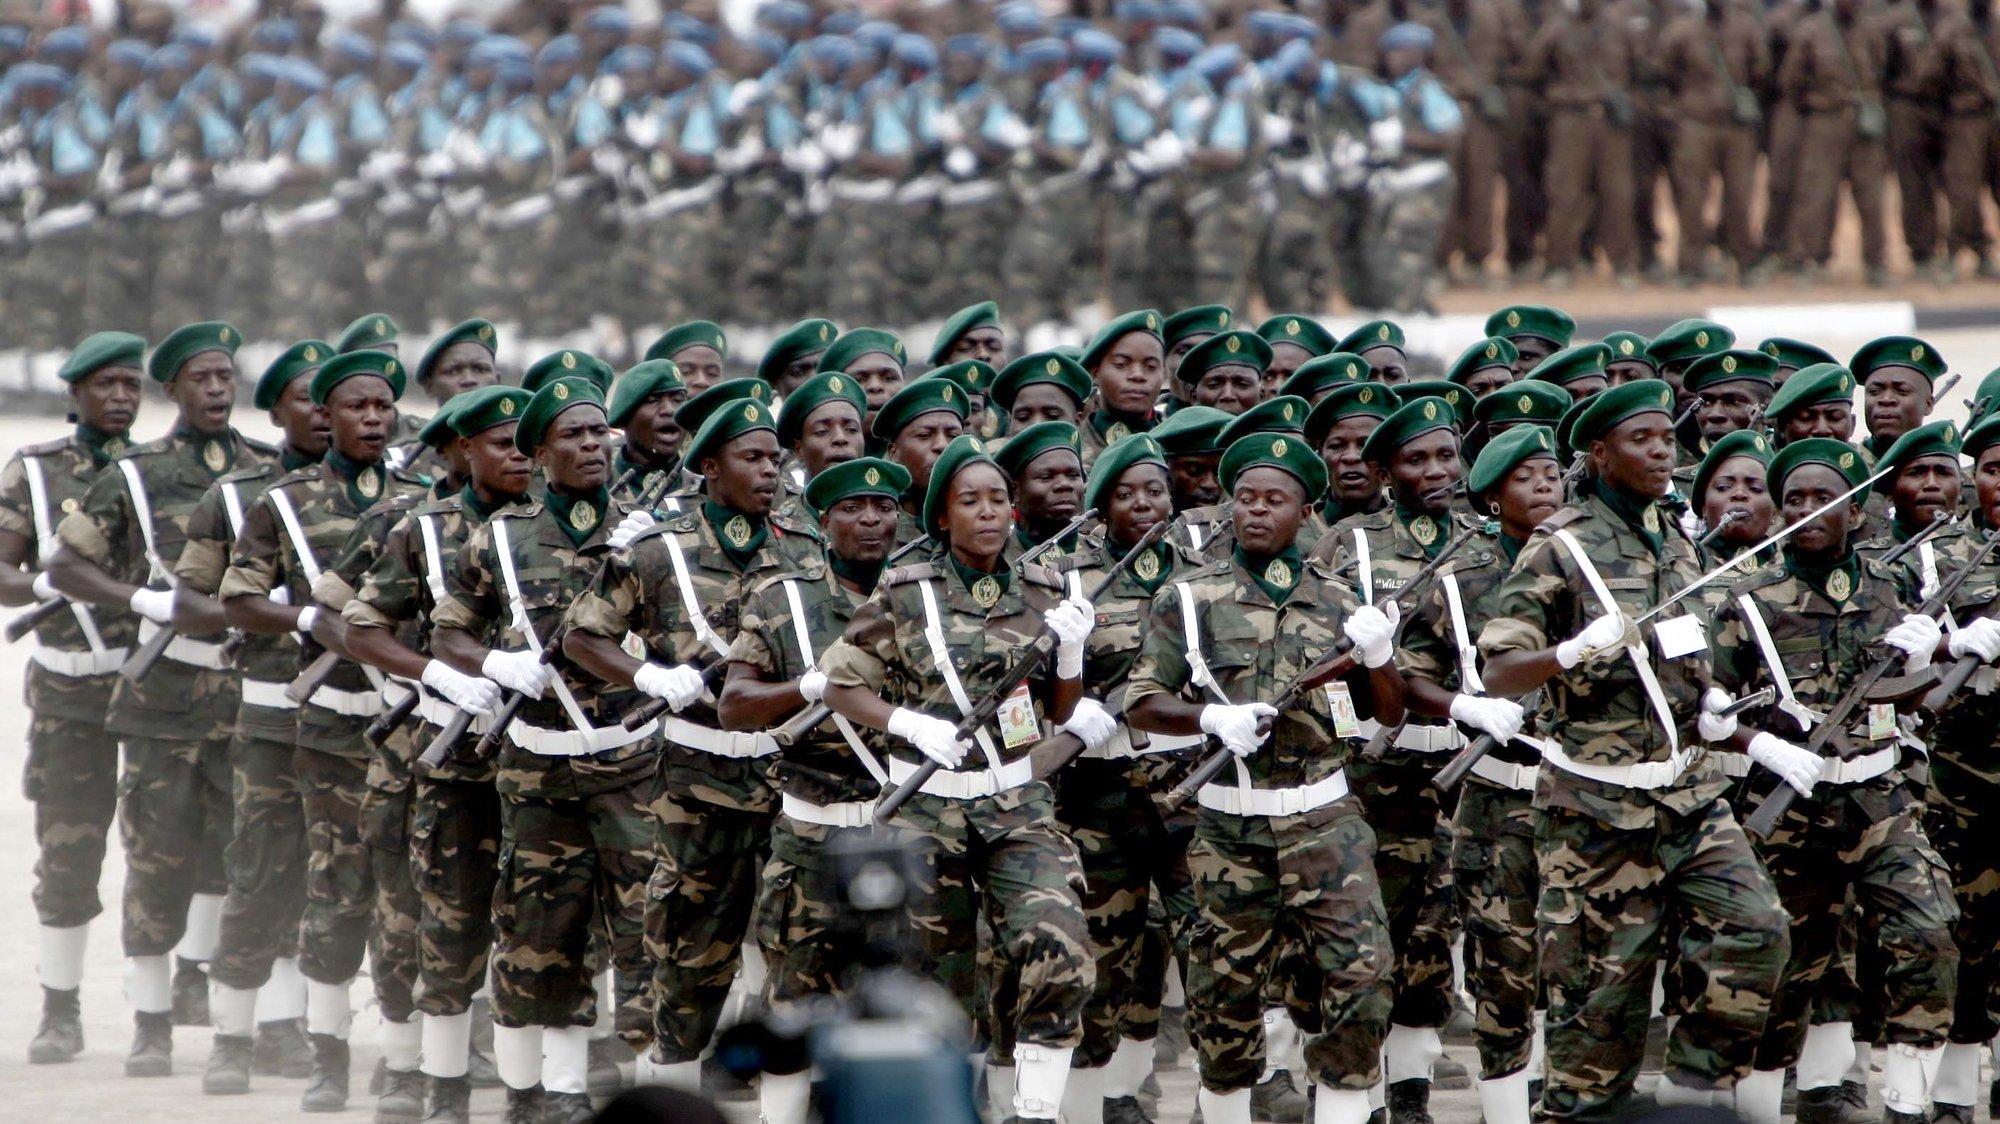 Militares angolanos desfilam durante um exercício das Forças Armadas de Angola, em Luanda, Angola, 14 de janeiro de 2019. AMPE ROGÉRIO/LUSA